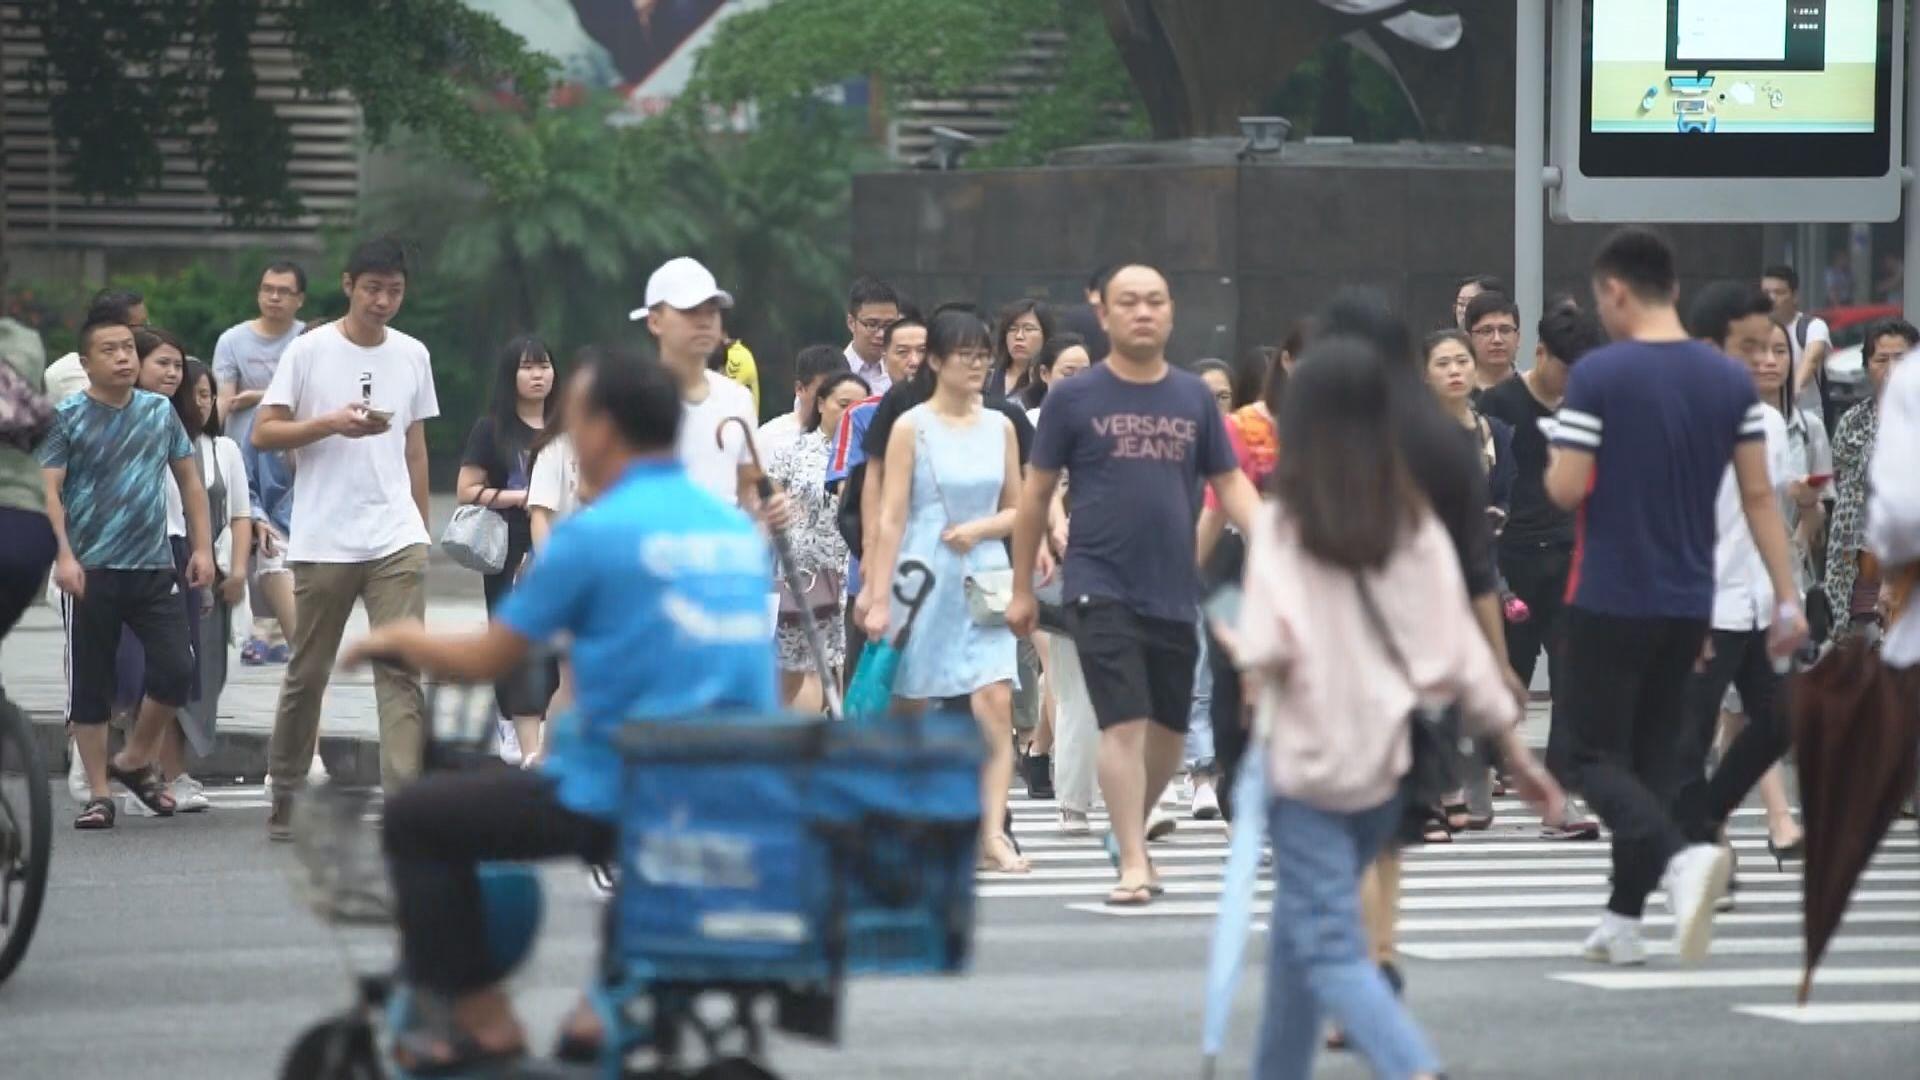 青協指內地稅率高減青年到大灣區發展意欲